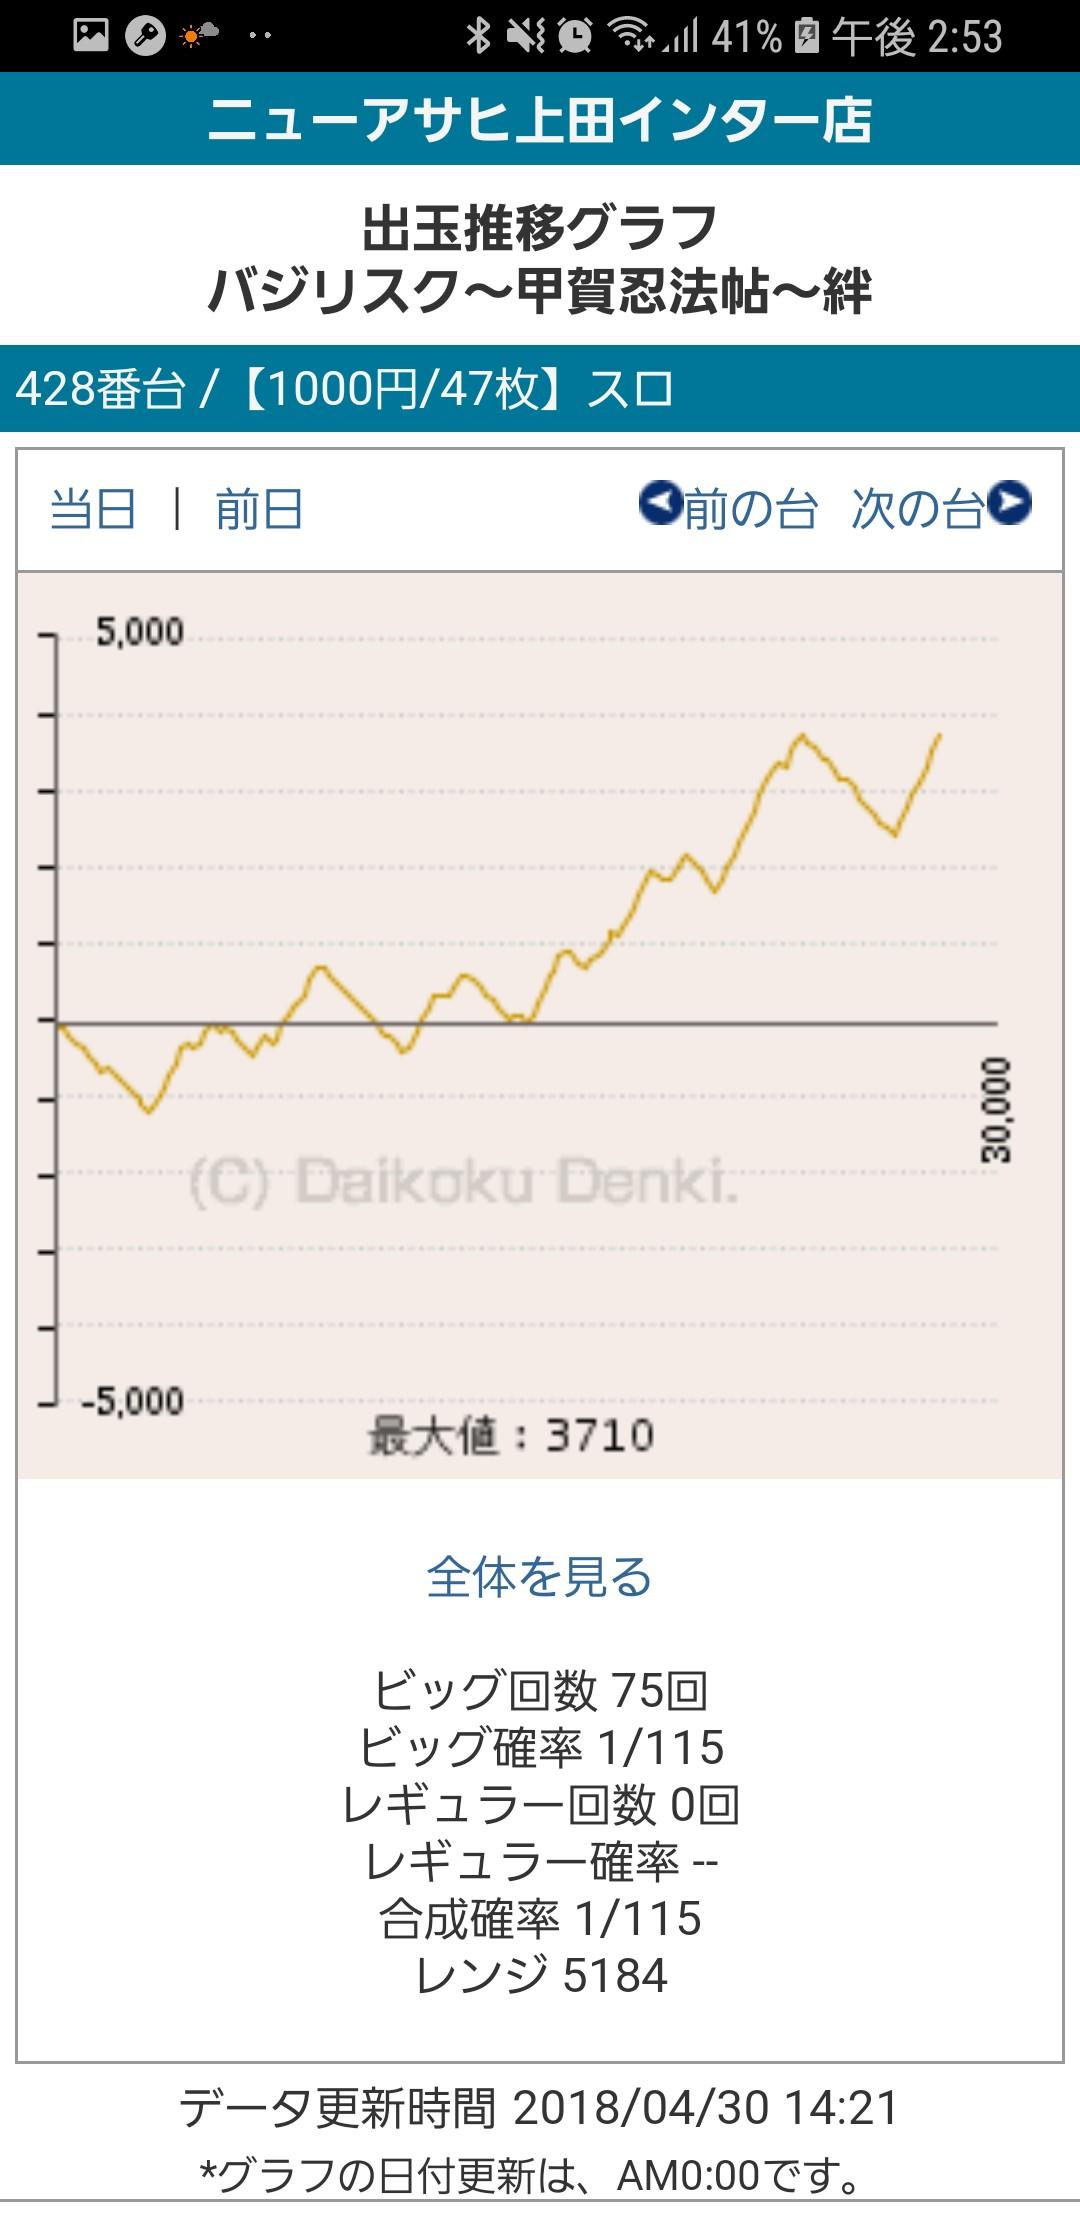 第250回ハズセレ(ニューアサヒ上田インター店)最終報告